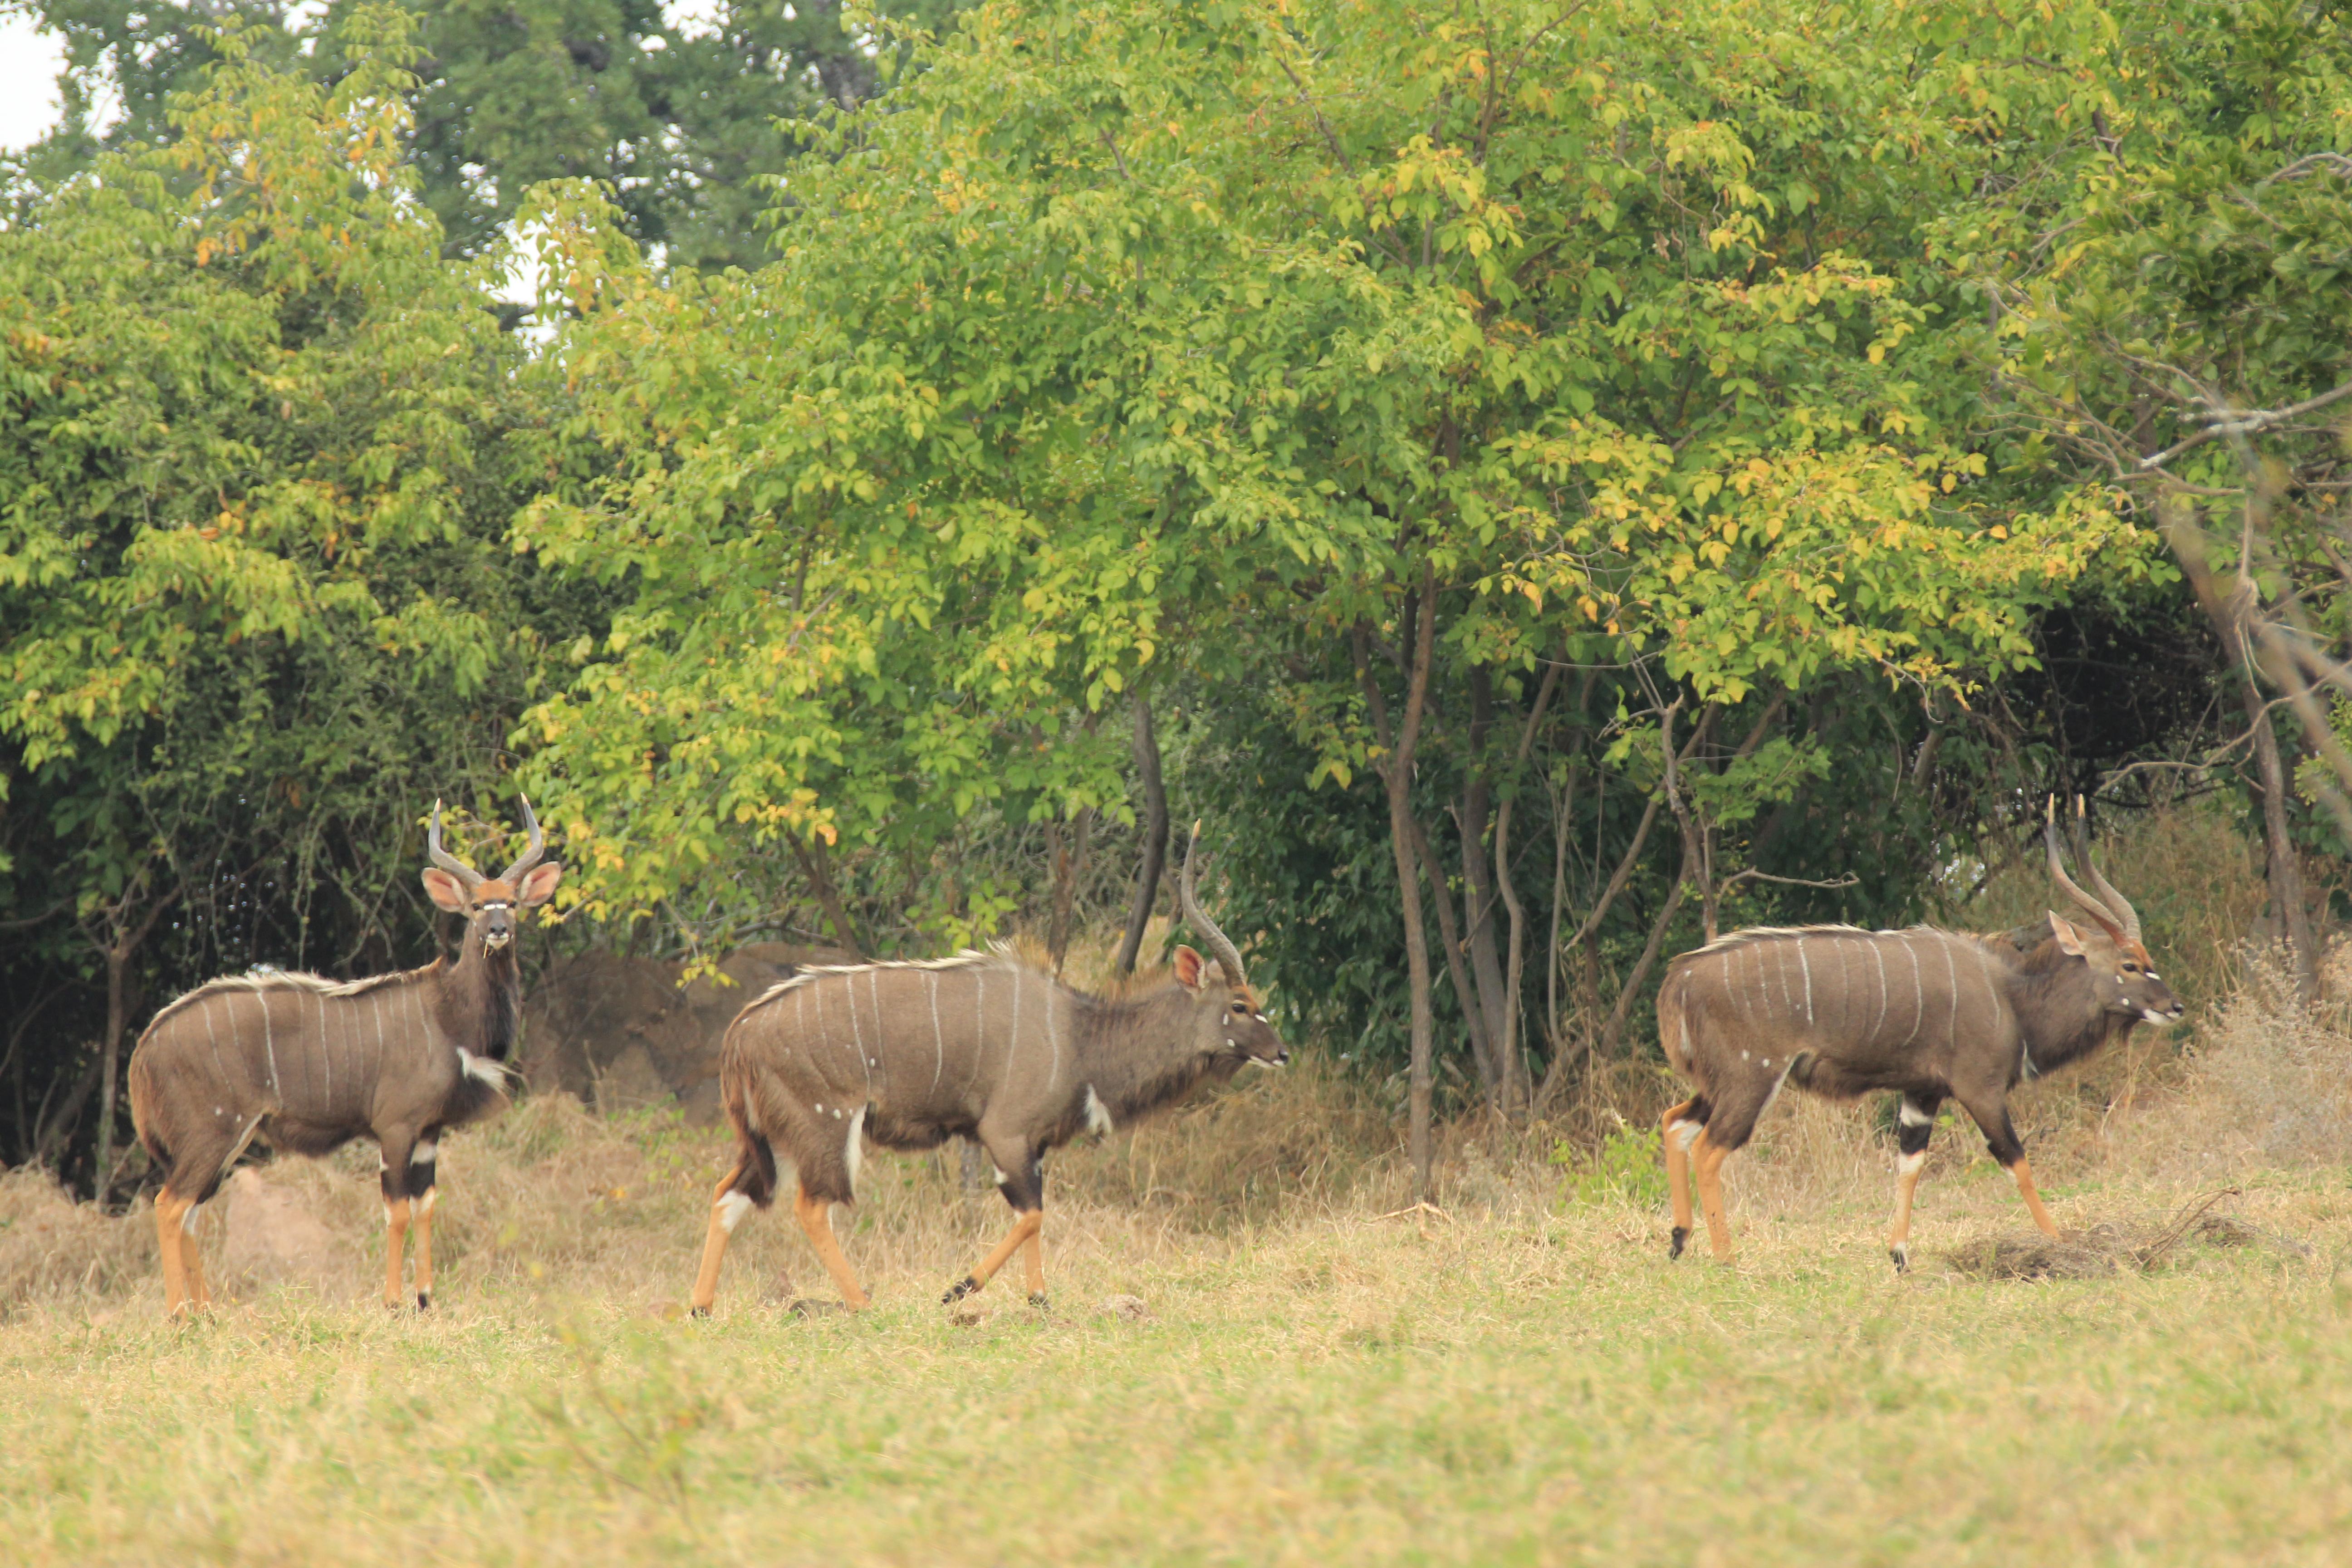 Three nyala bulls